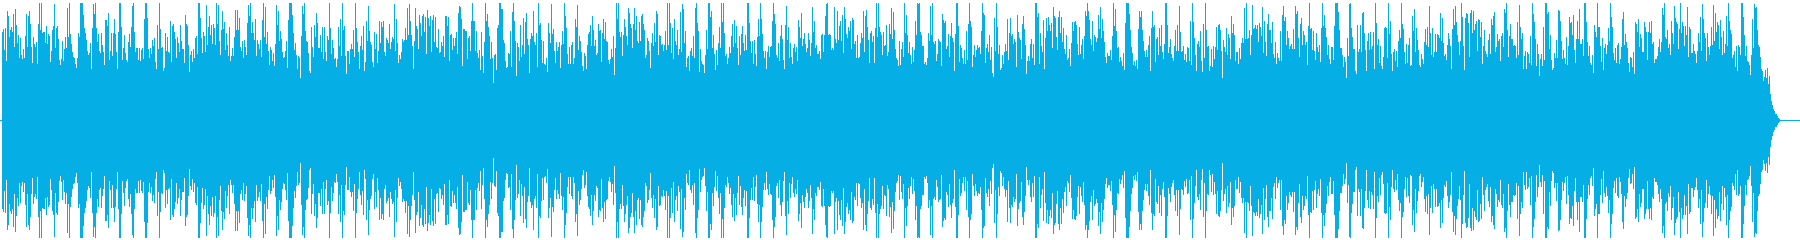 悲しい雰囲気のあるピアノメロディーの再生済みの波形